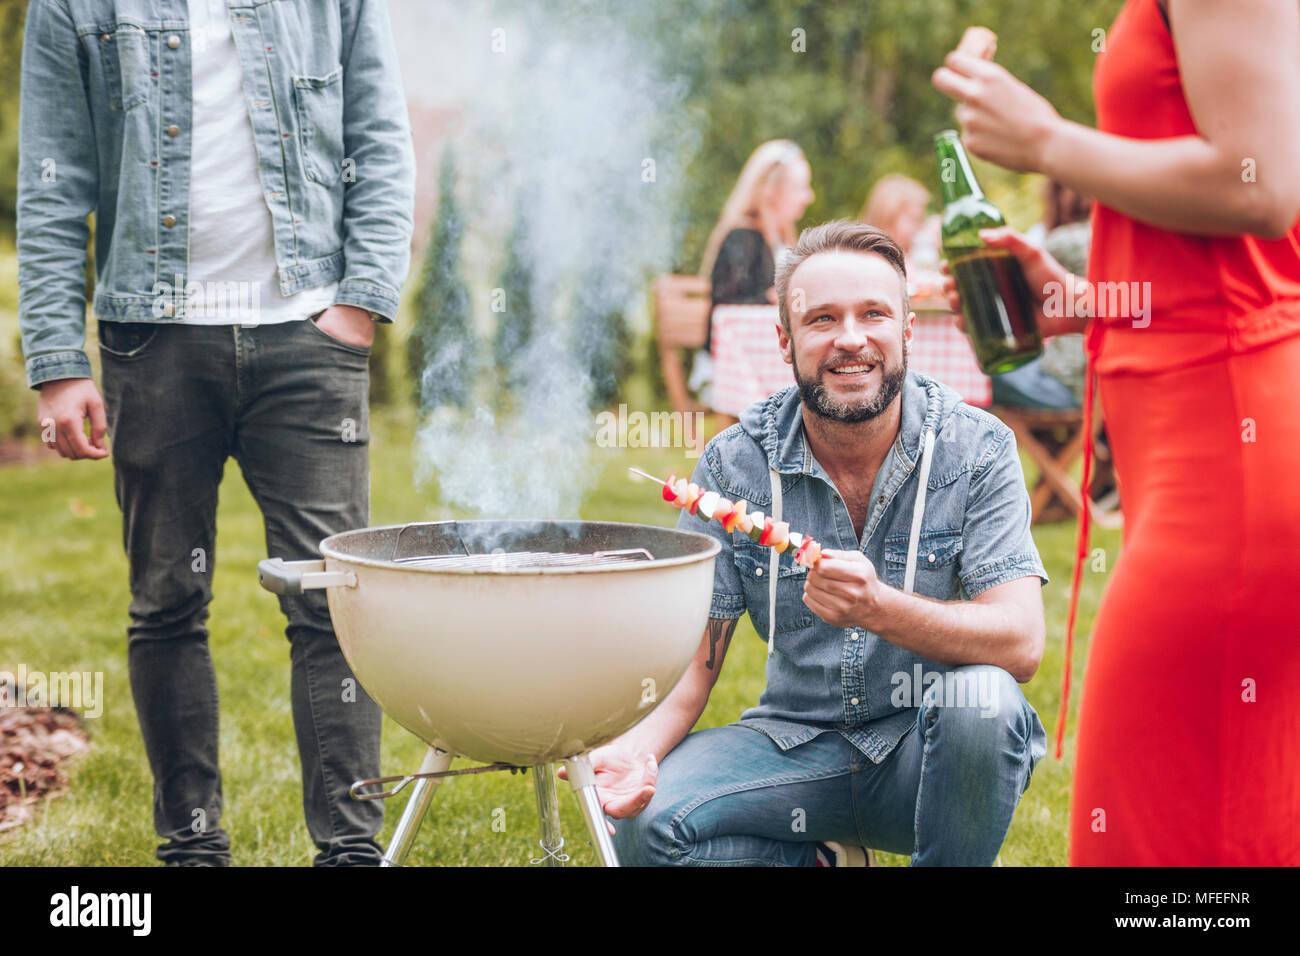 Jeune homme avec un chachlik dans sa main l'accroupissement par un fumeur grill et à la recherche jusqu'à une femme en robe rouge avec d'autres personnes dans l'arrière-plan de manger f Photo Stock